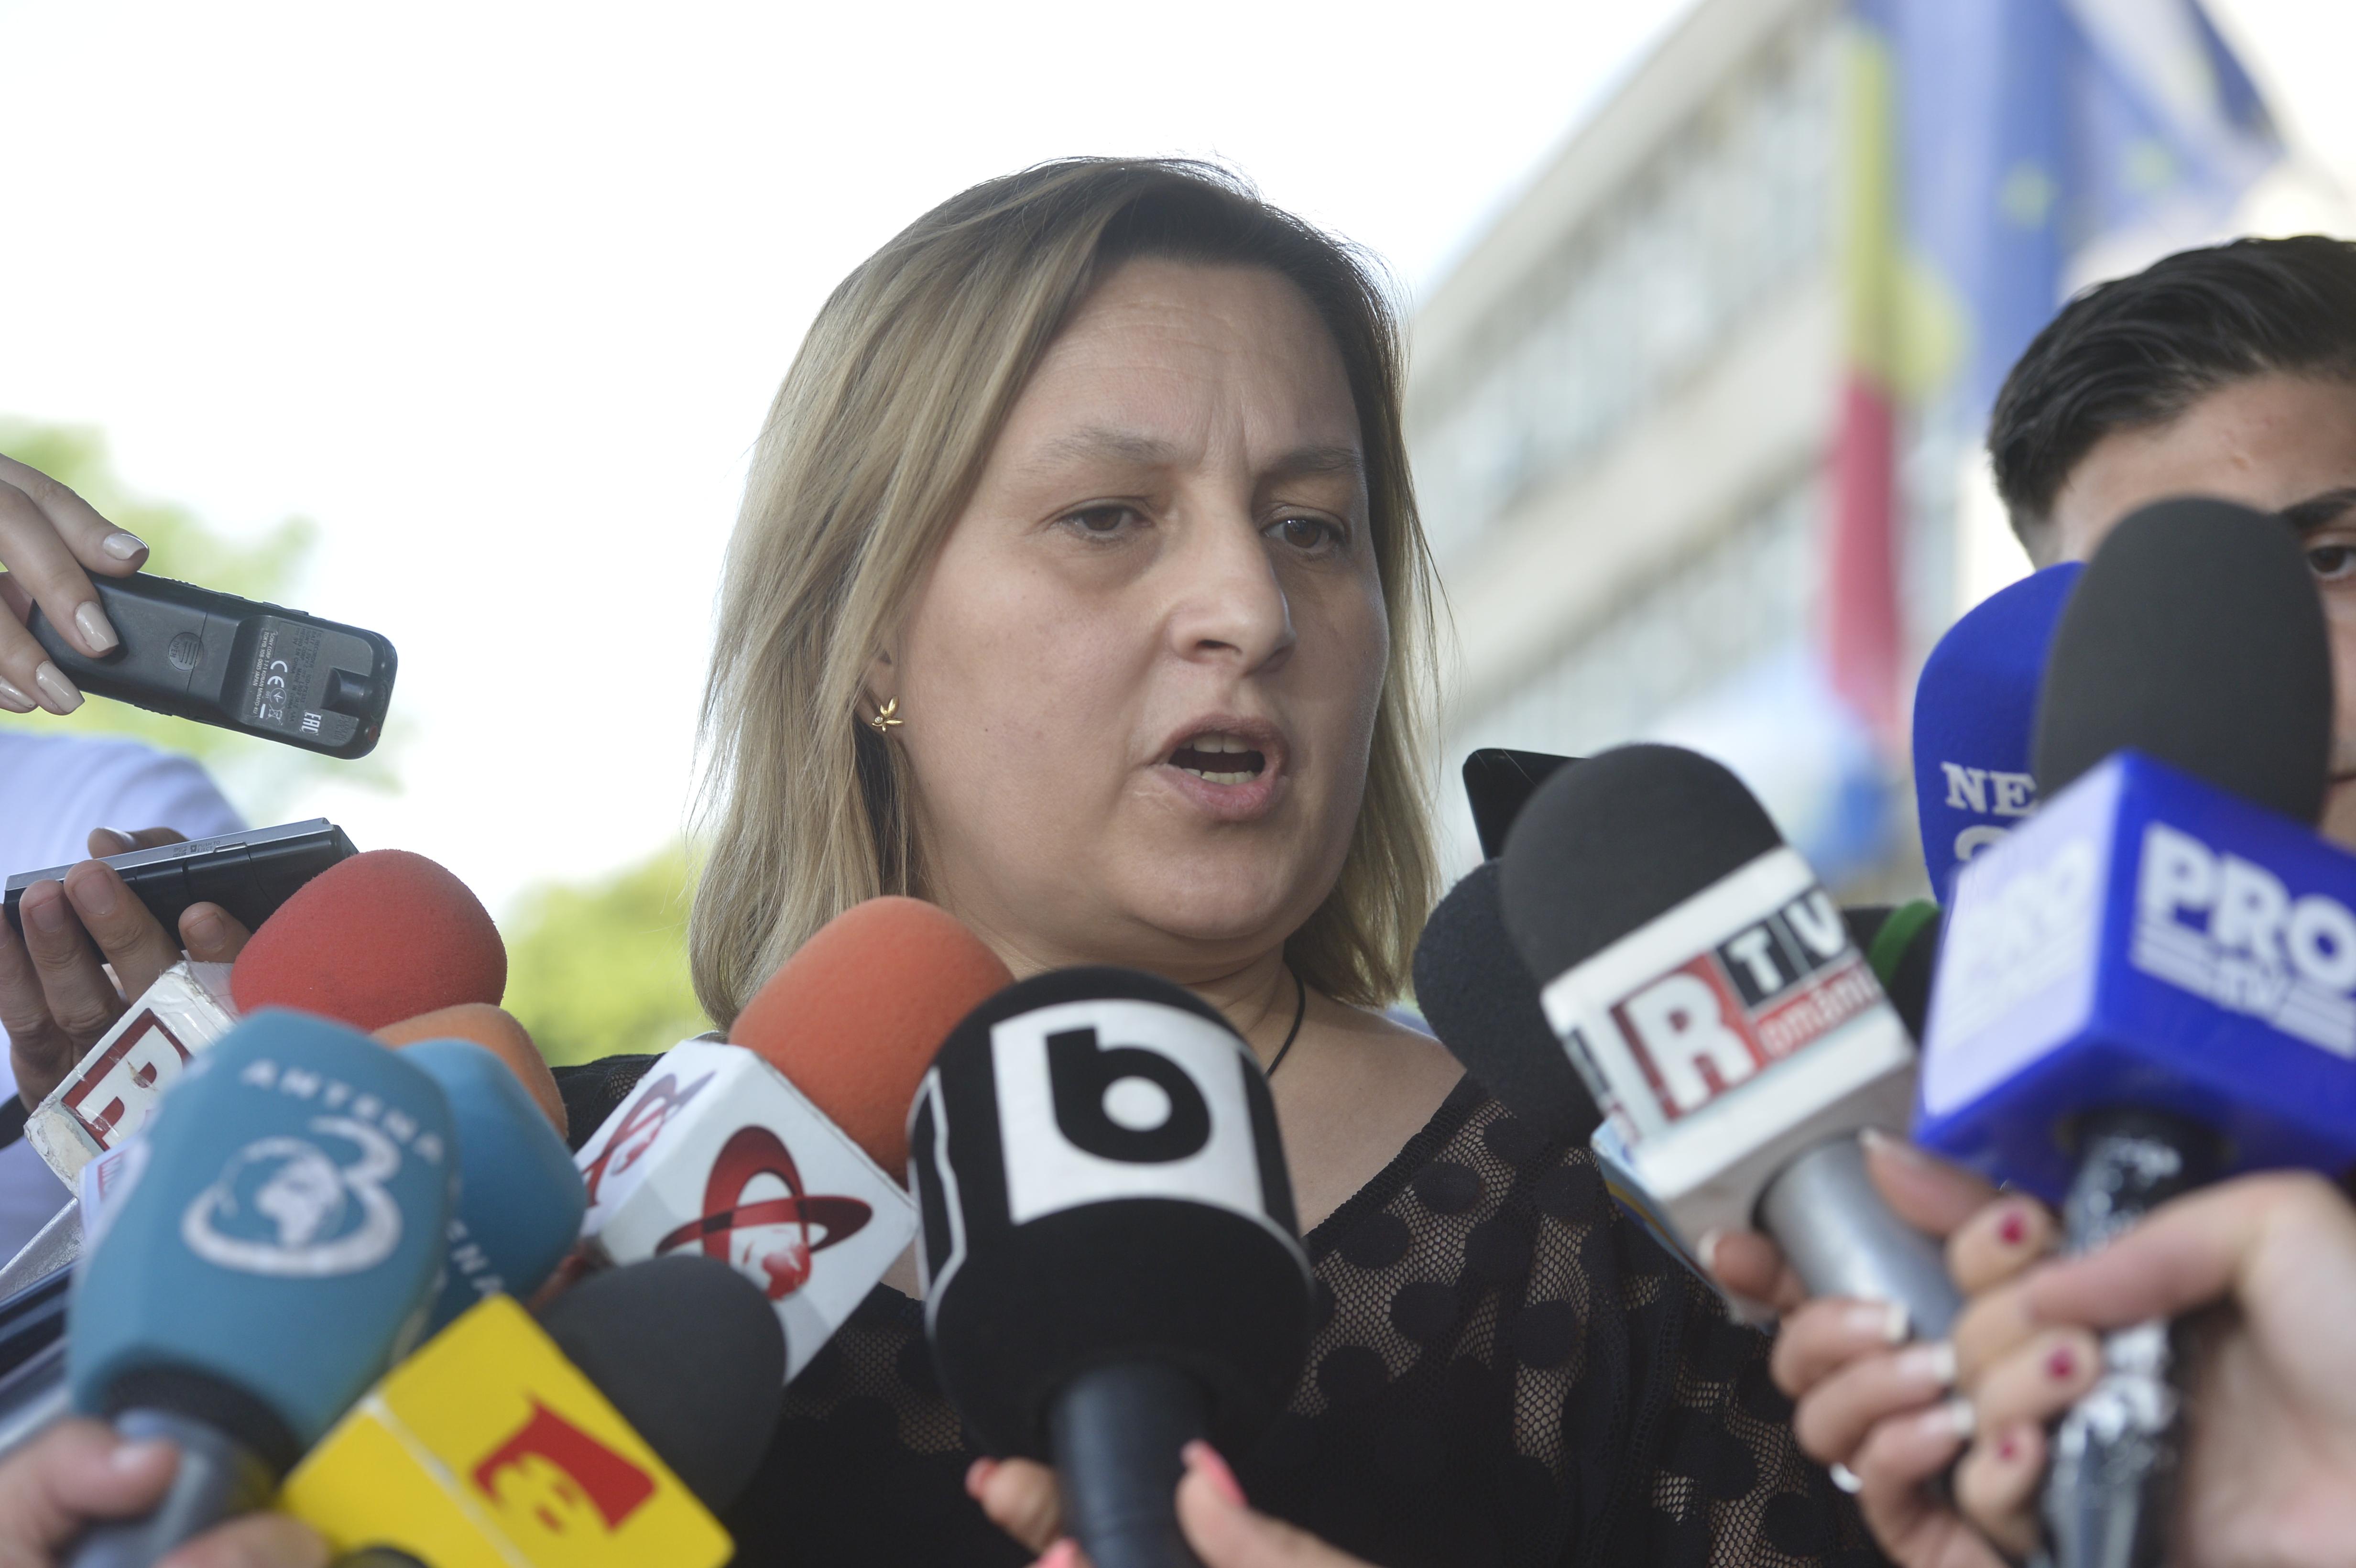 Procurorii Mihaiela Iorga şi Oana Hăineală vor să fie judecători. Cererile, depuse la CSM